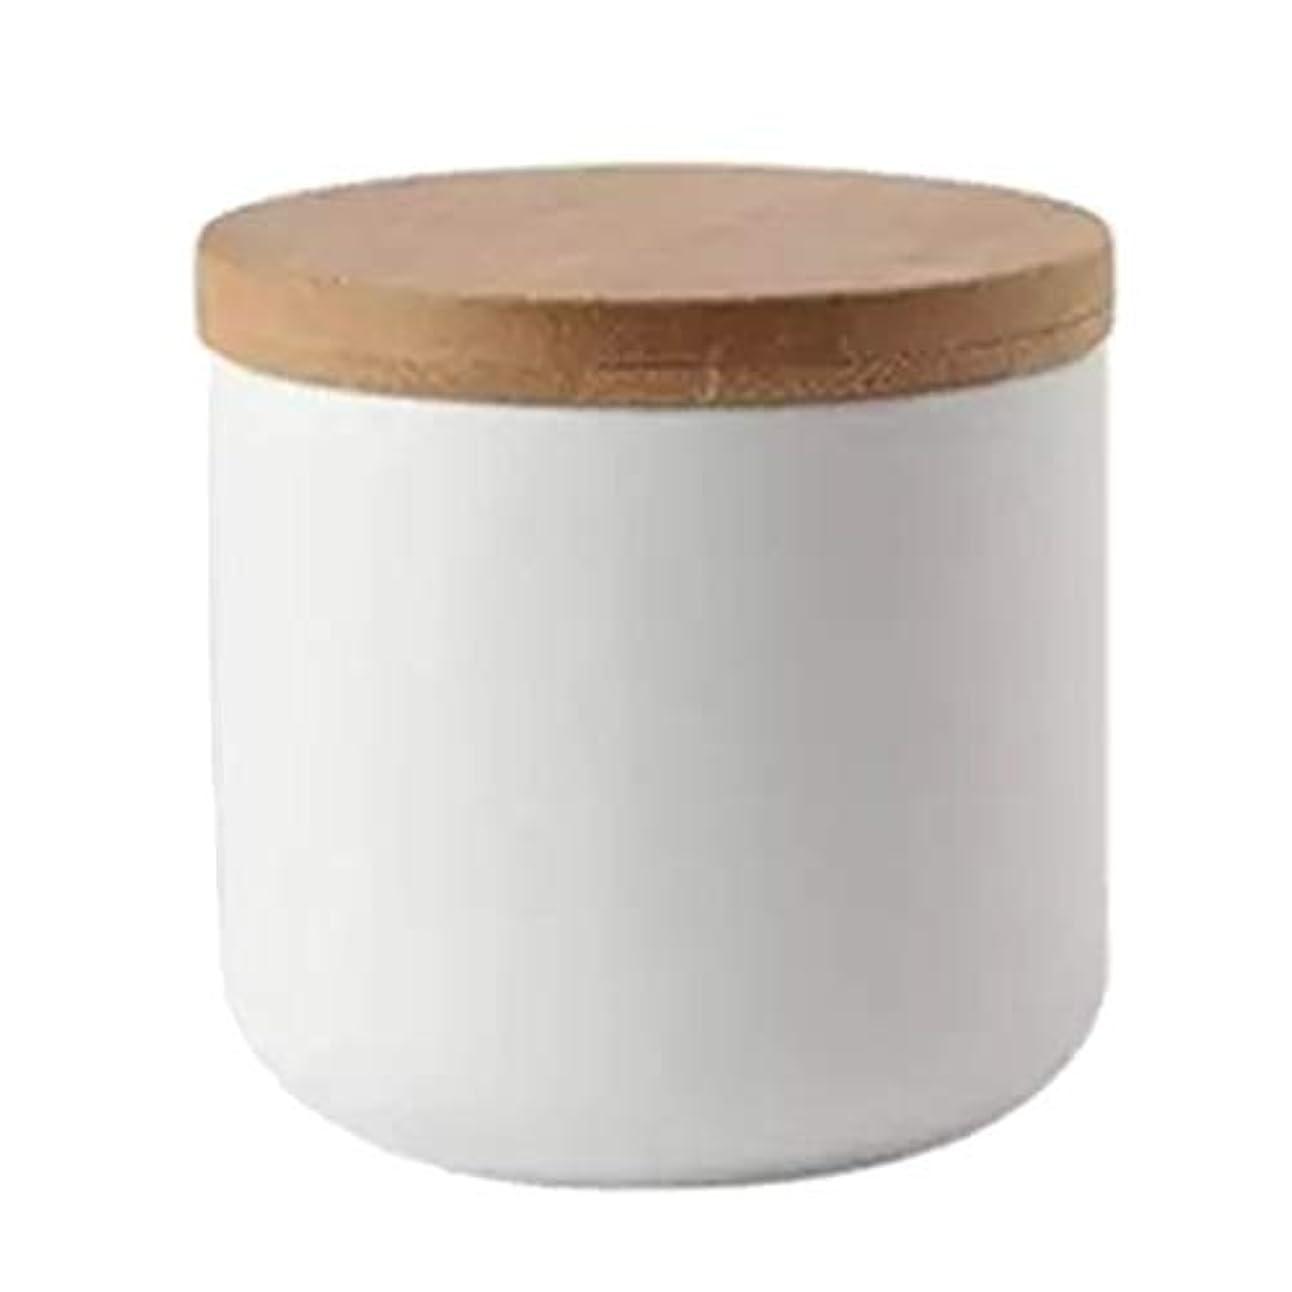 香ばしい投獄弾丸化粧品ポット 収納 ボウル ネイルアートリムーバー アルコール ネイルリキッド パウダー コンテナ 全2色 - 白い